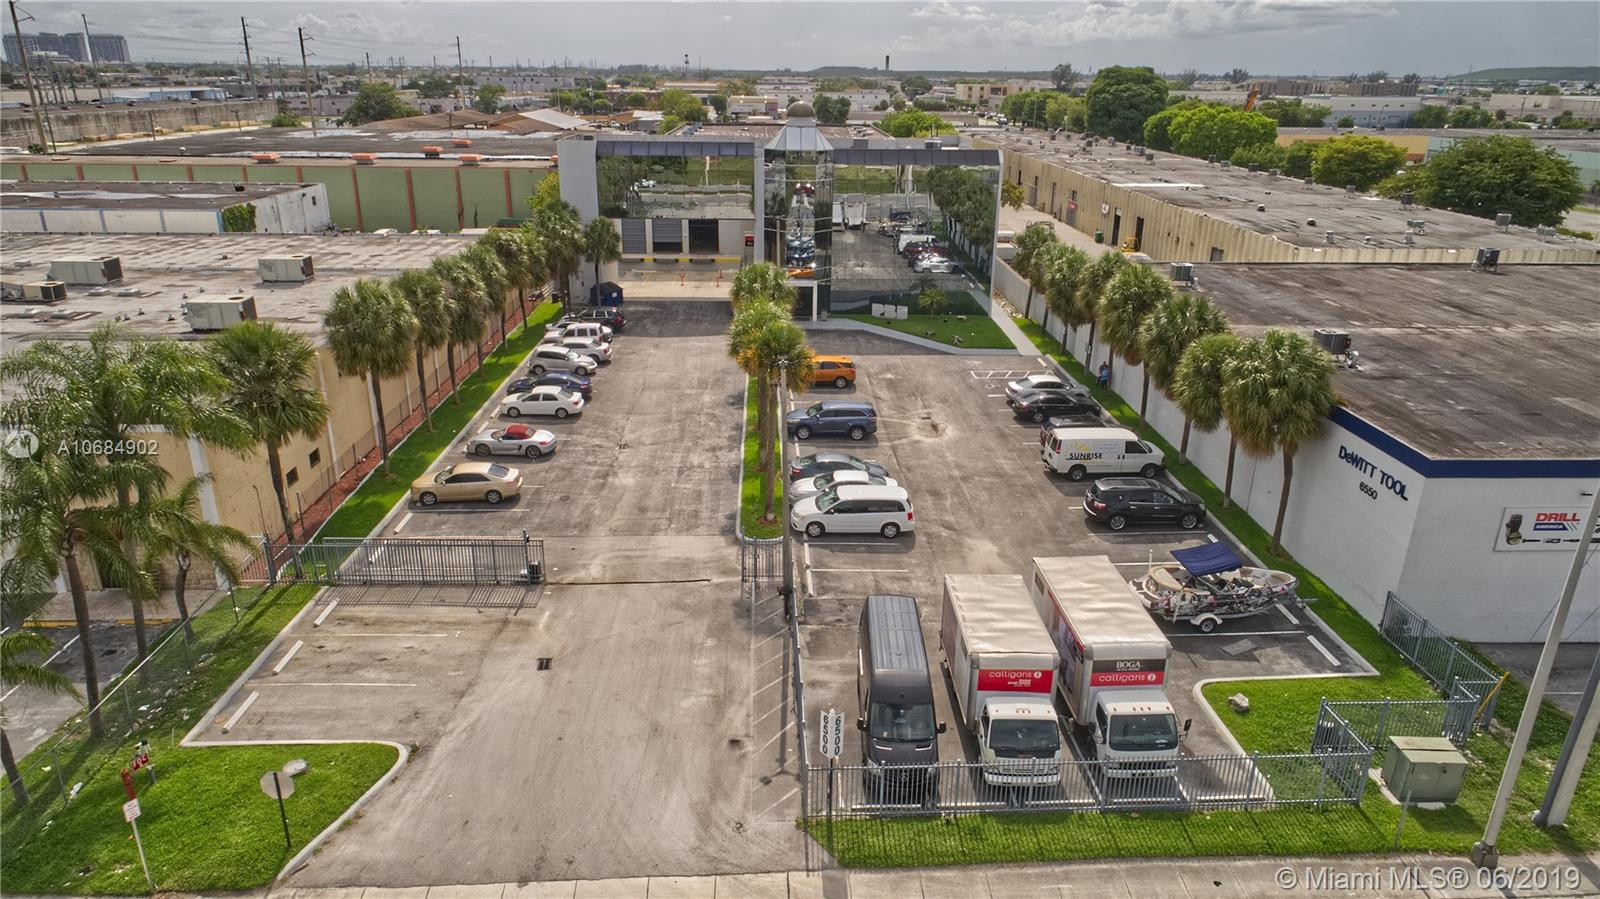 6500 NW 72 AVE, Miami, FL 33166